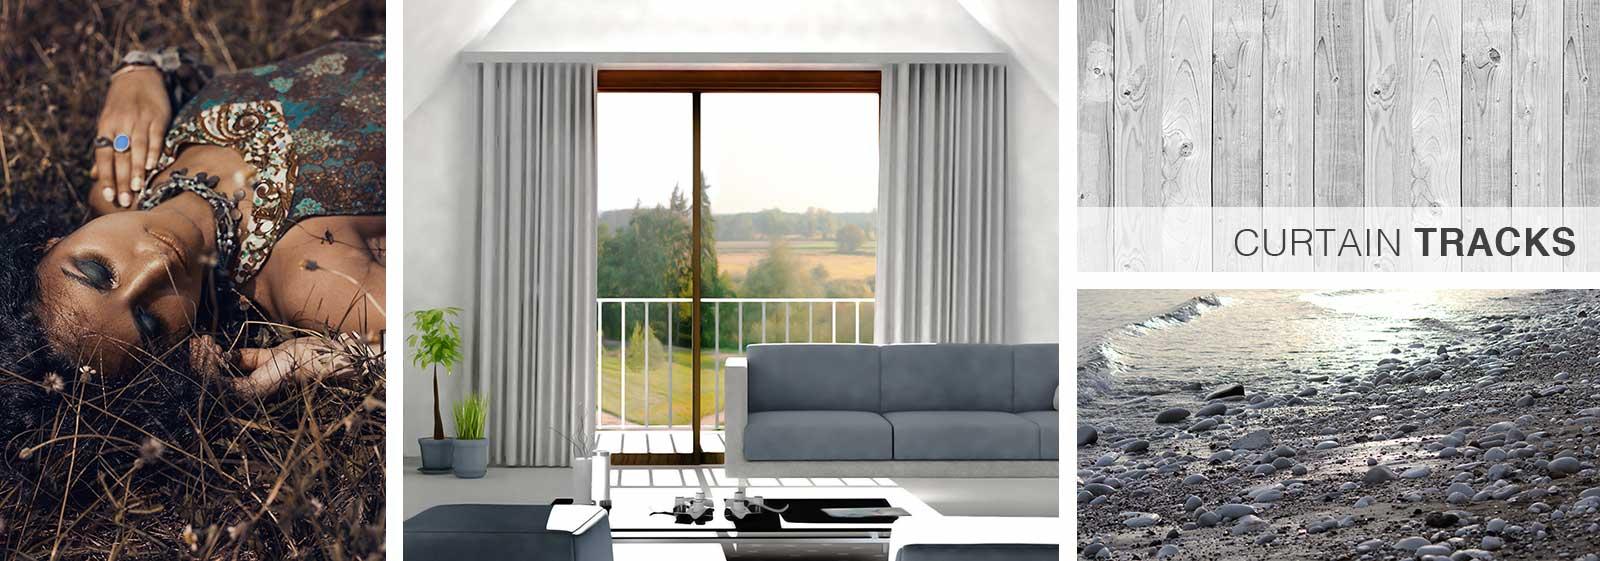 Ripple Curtains Tracks, Ripple Curtains Tracks, Blind Designs